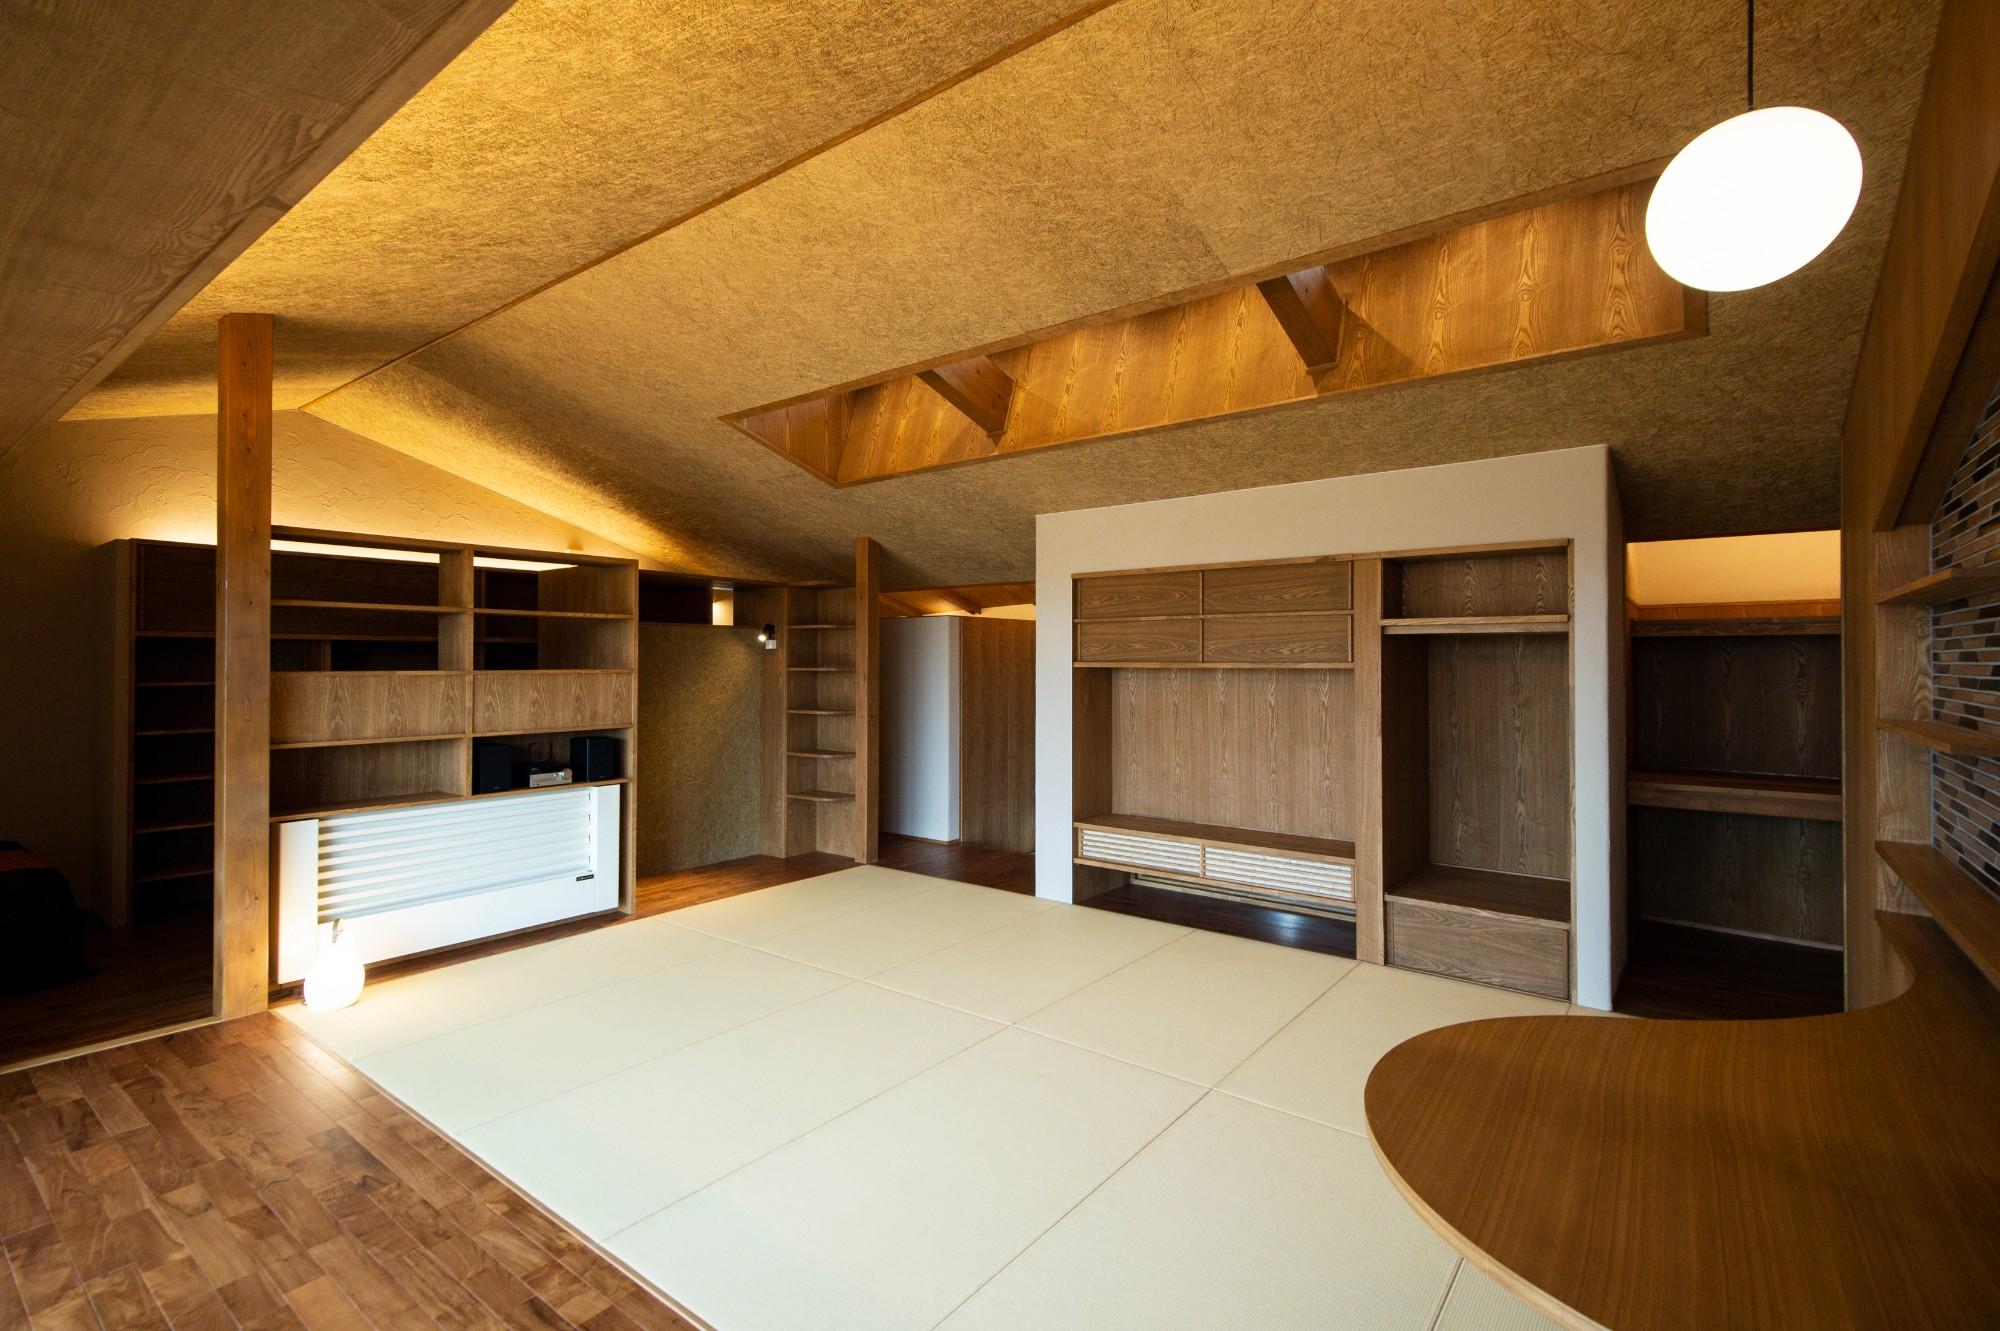 有限会社 神田陸建築設計事務所「茶茂庵」の実例写真